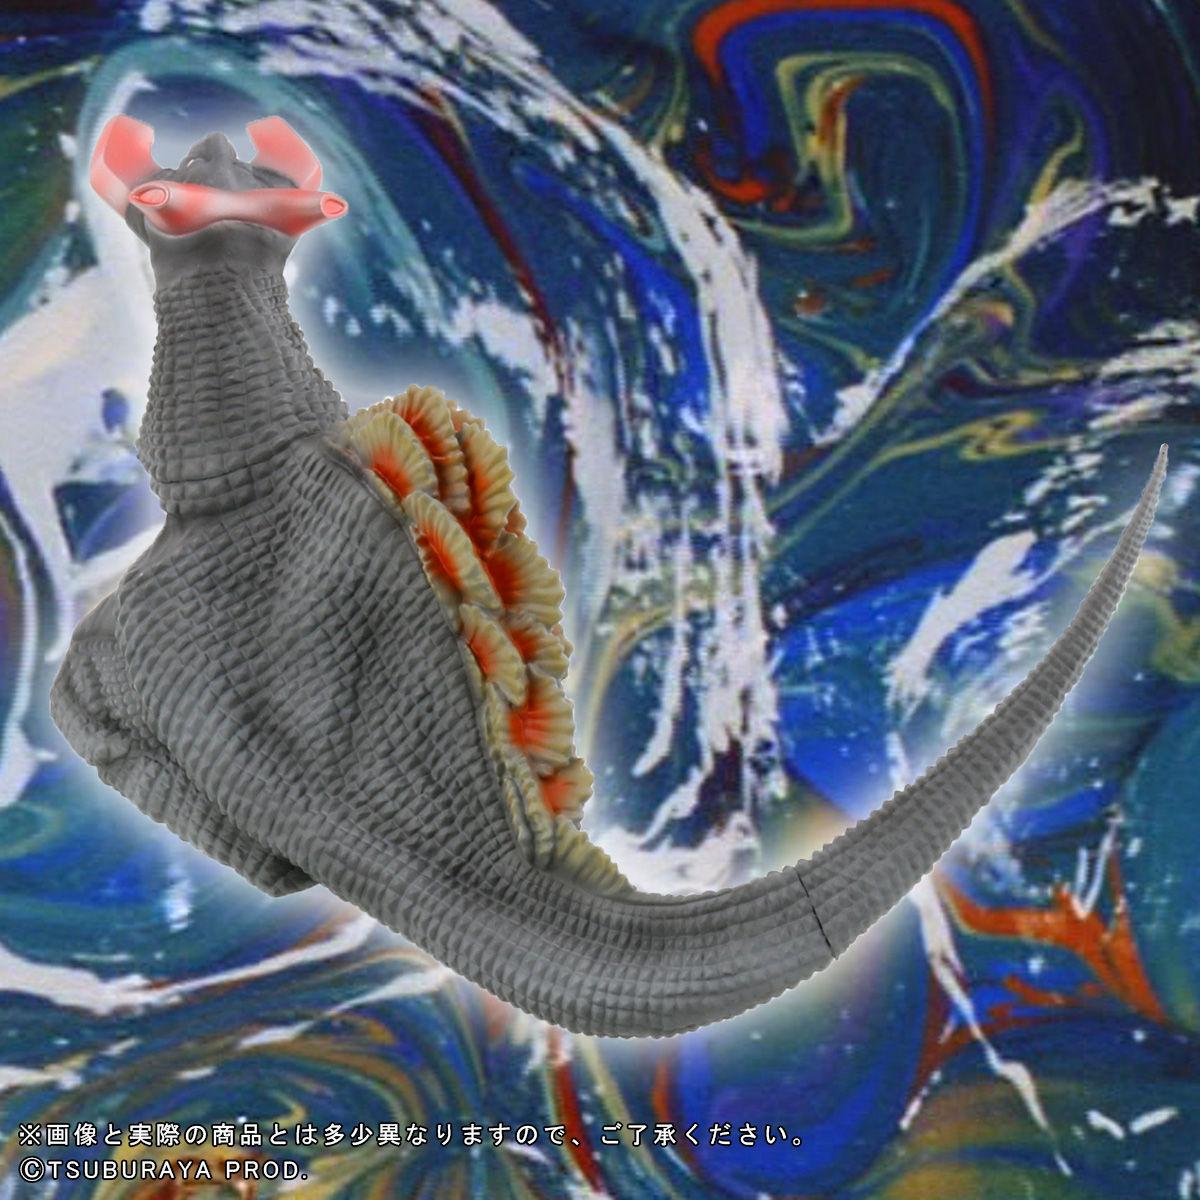 【限定販売】ウルトラ大怪獣シリーズ5000『ビーコン/ギラドラス』完成品フィギュア-009